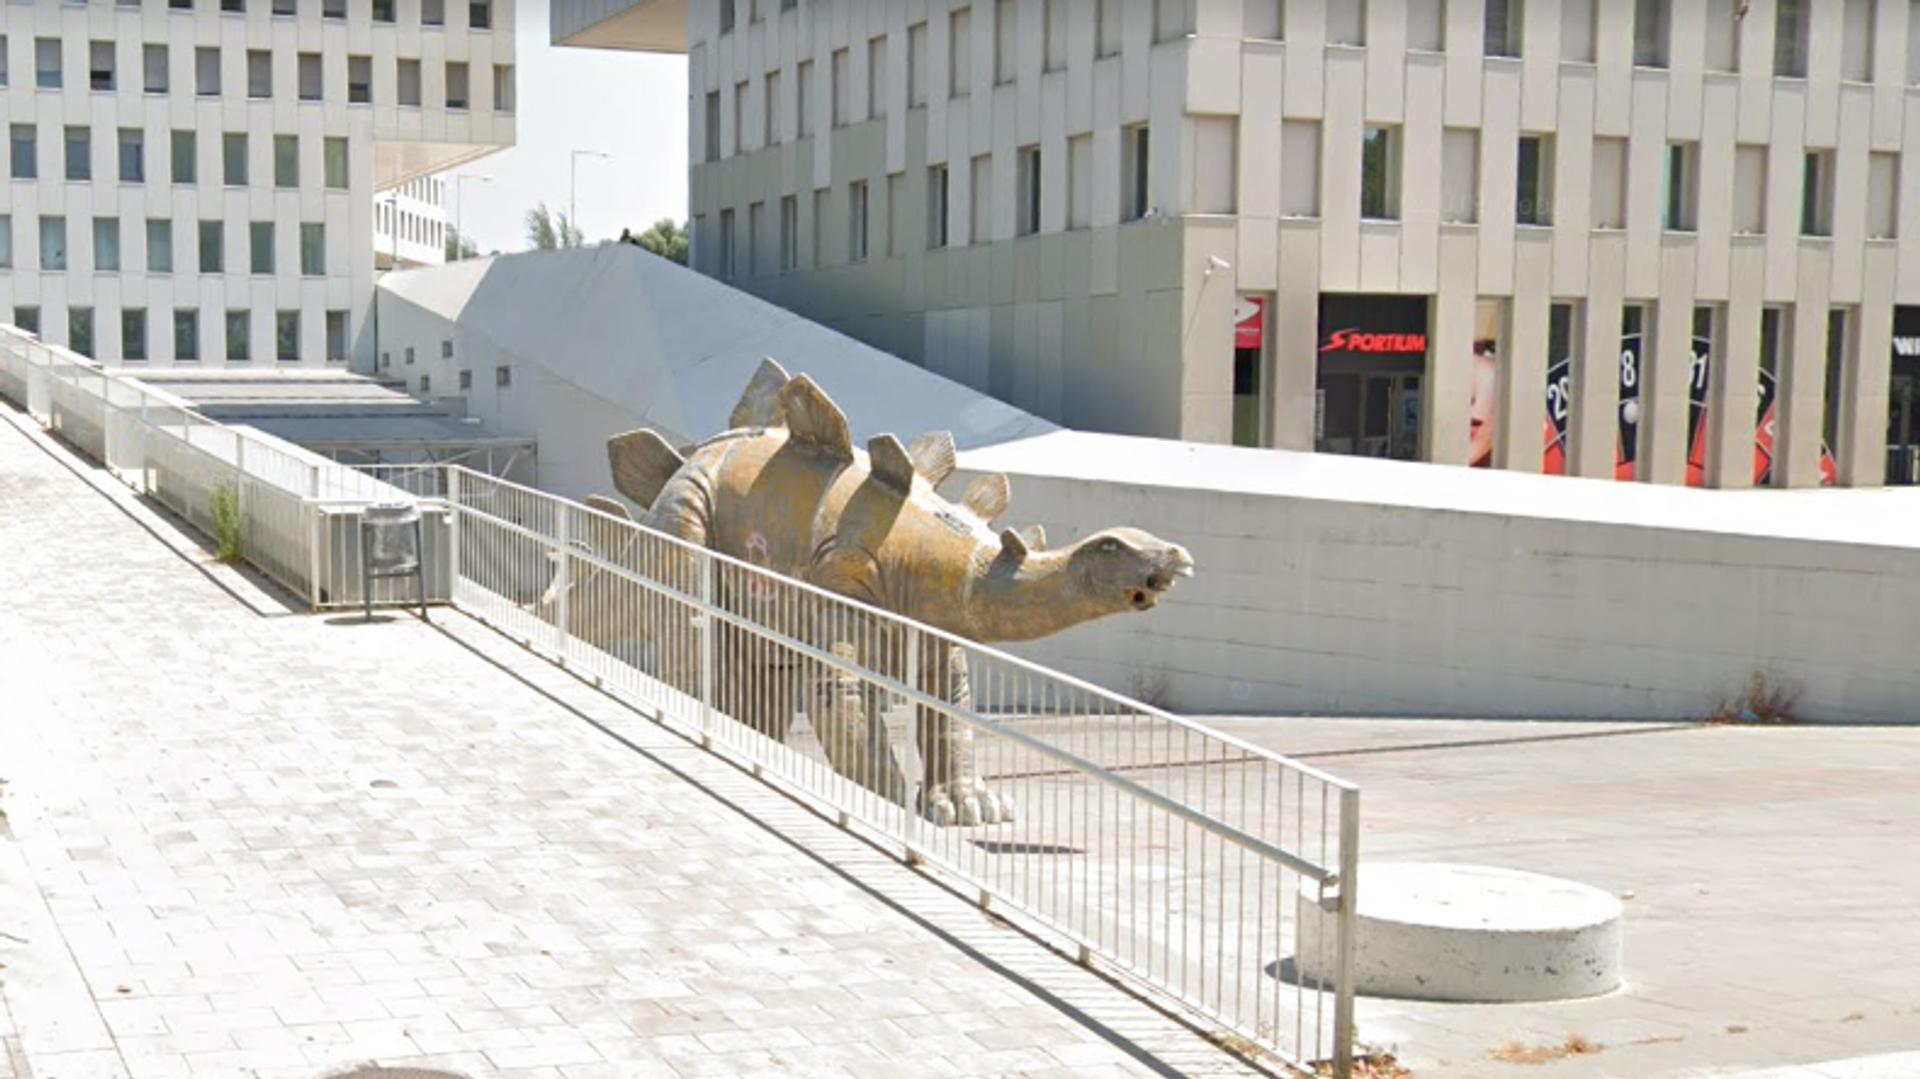 Dinosaurio en el que fue hallado el cadáver del hombre (Santa Coloma de Gramenet, Barcelona) - Sputnik Mundo, 1920, 24.05.2021